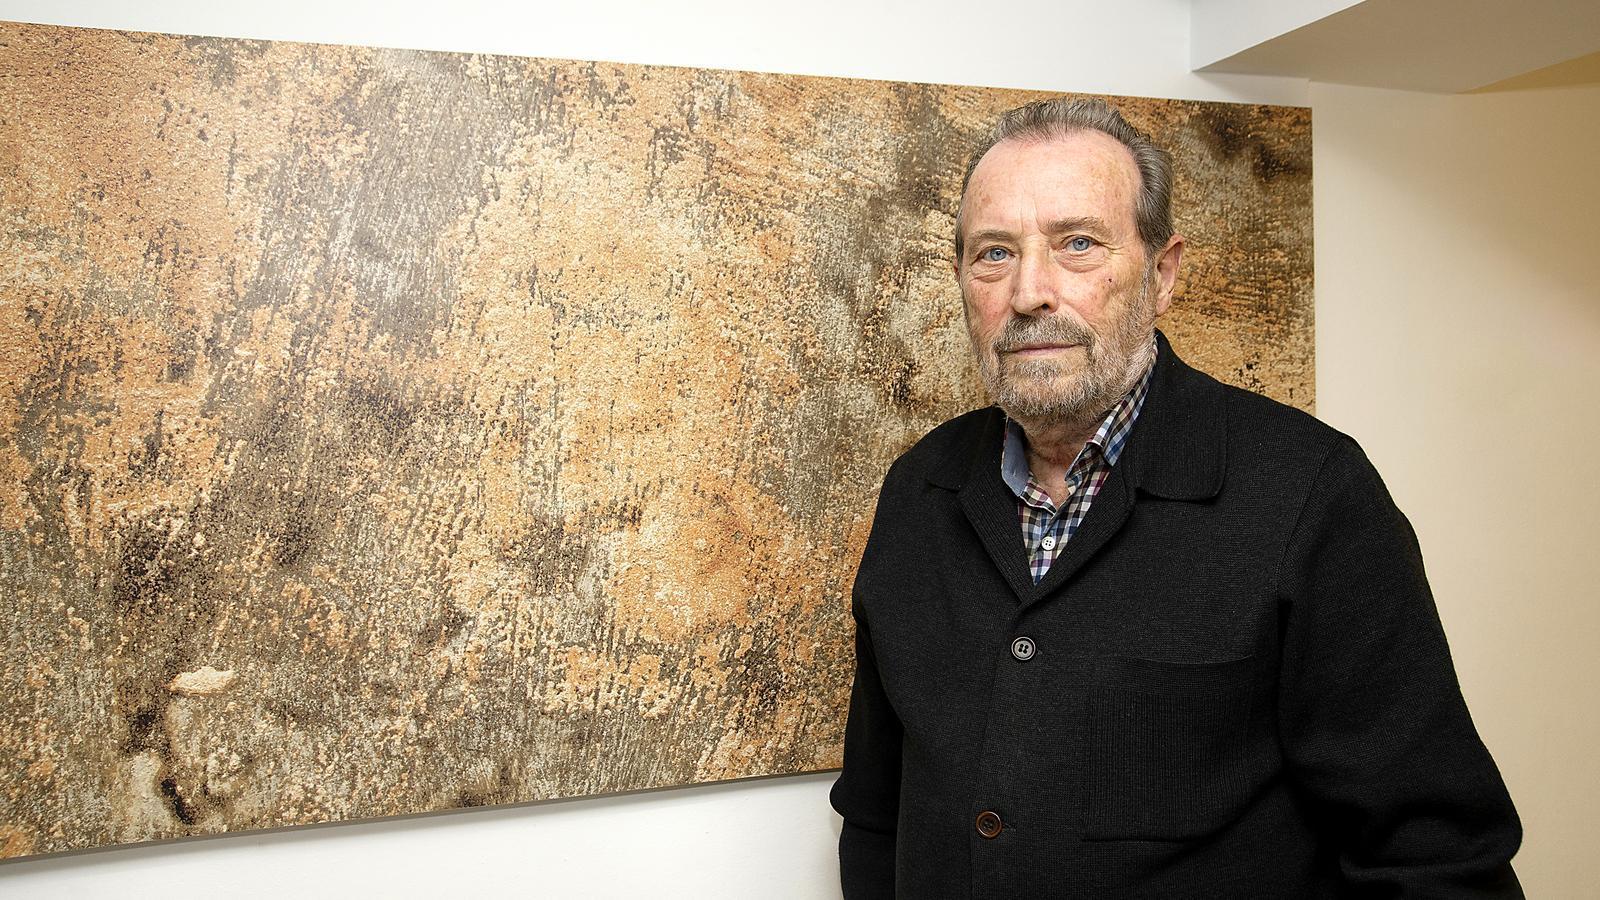 """Jaume Mascaró: """"La cultura és la manera com els humans desenvolupen la seva naturalesa"""""""